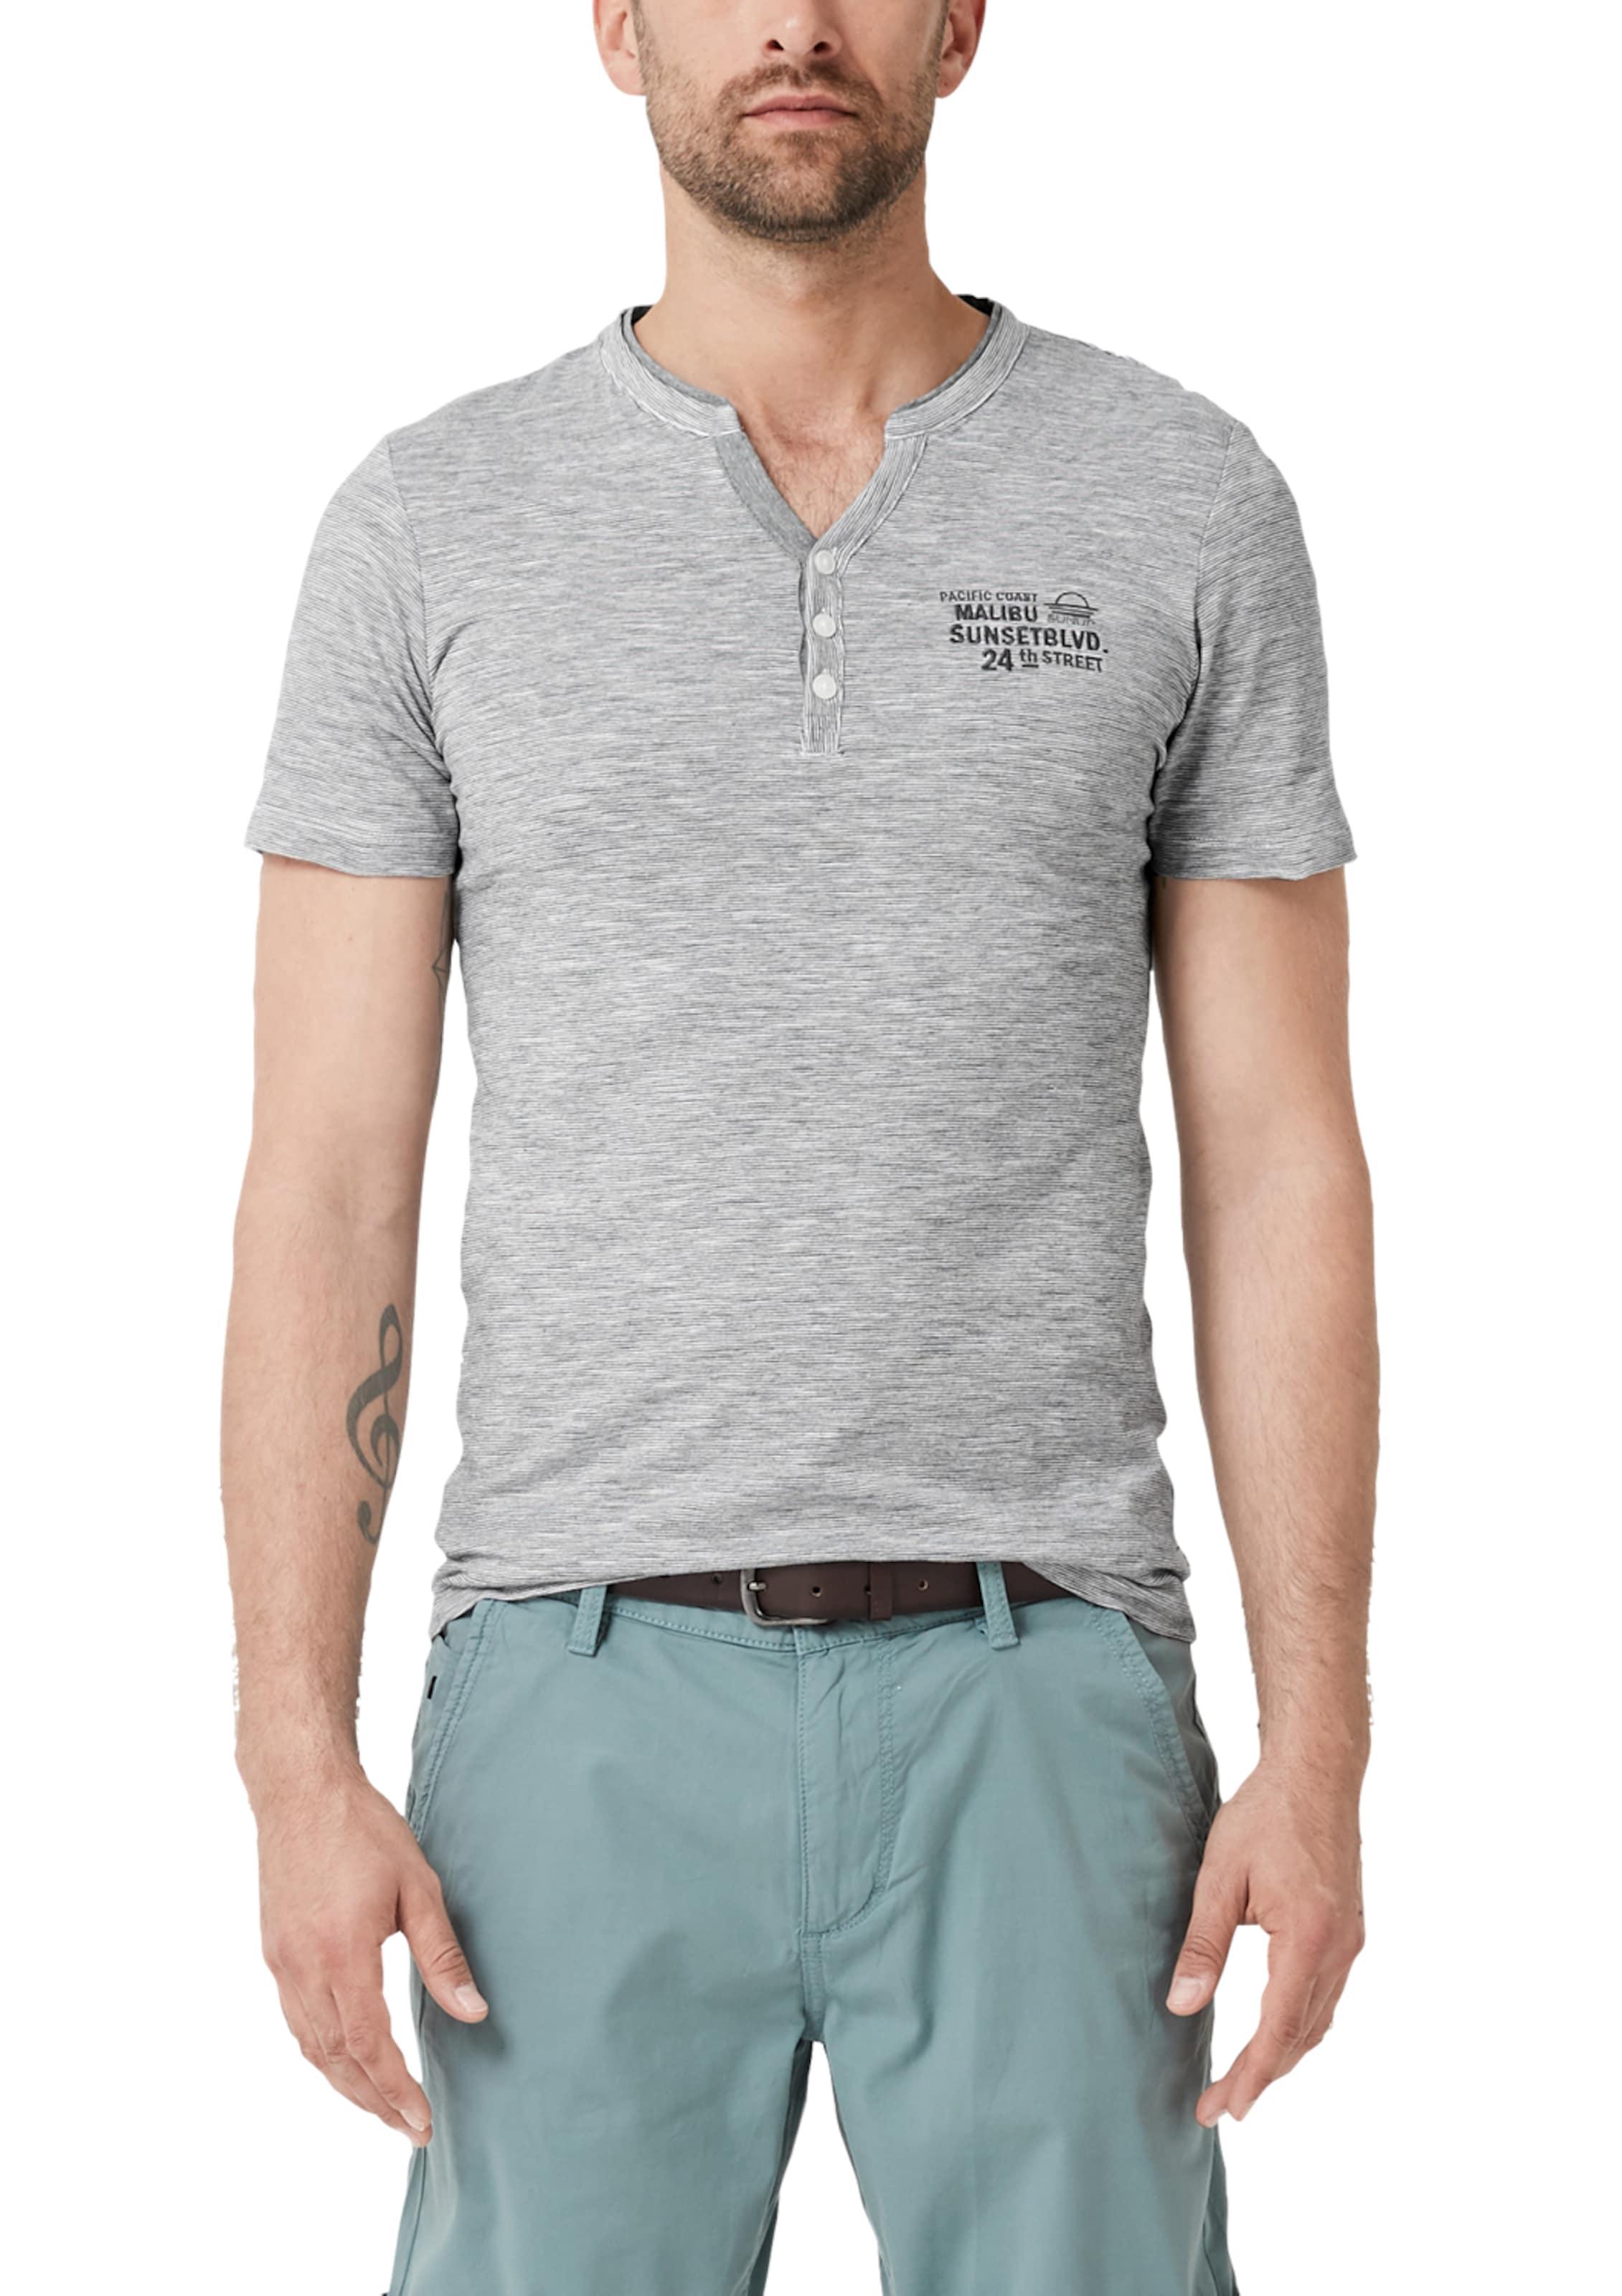 S Shirt GrauWeiß oliver In GrauWeiß In S oliver Shirt WD9HI2E